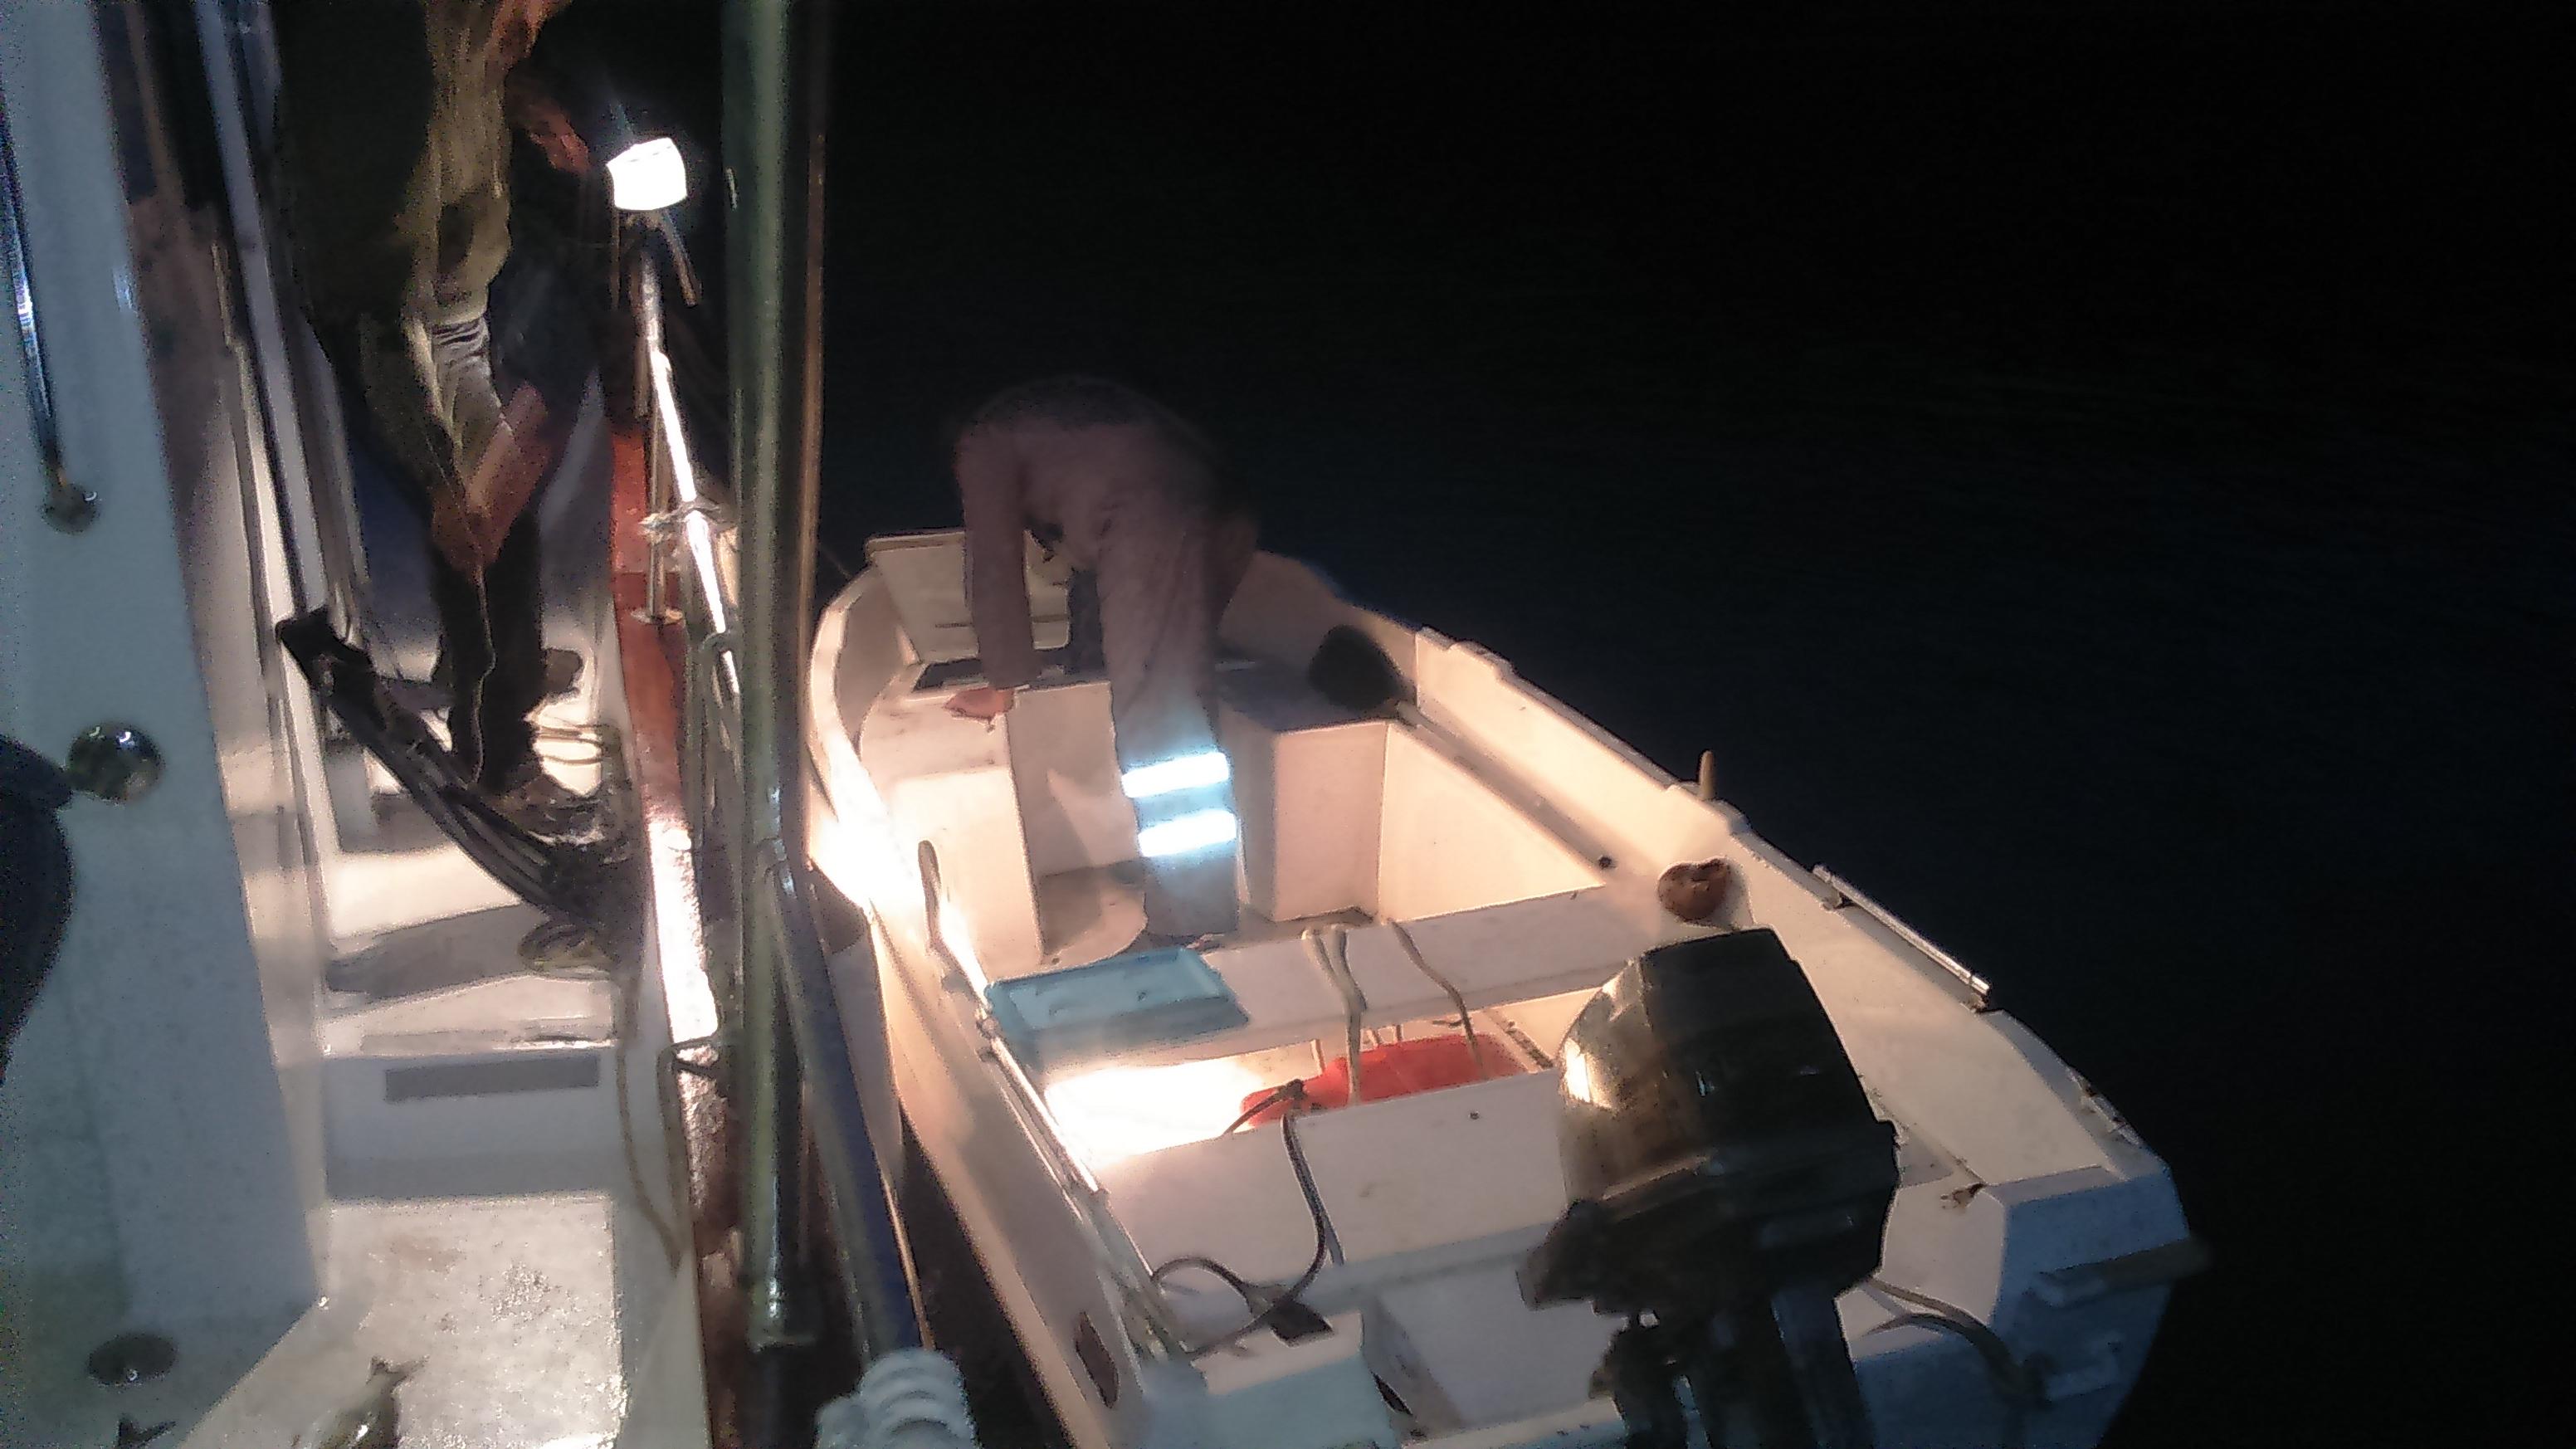 Επιχείρηση για υπόθεση παράνομης αλιείας